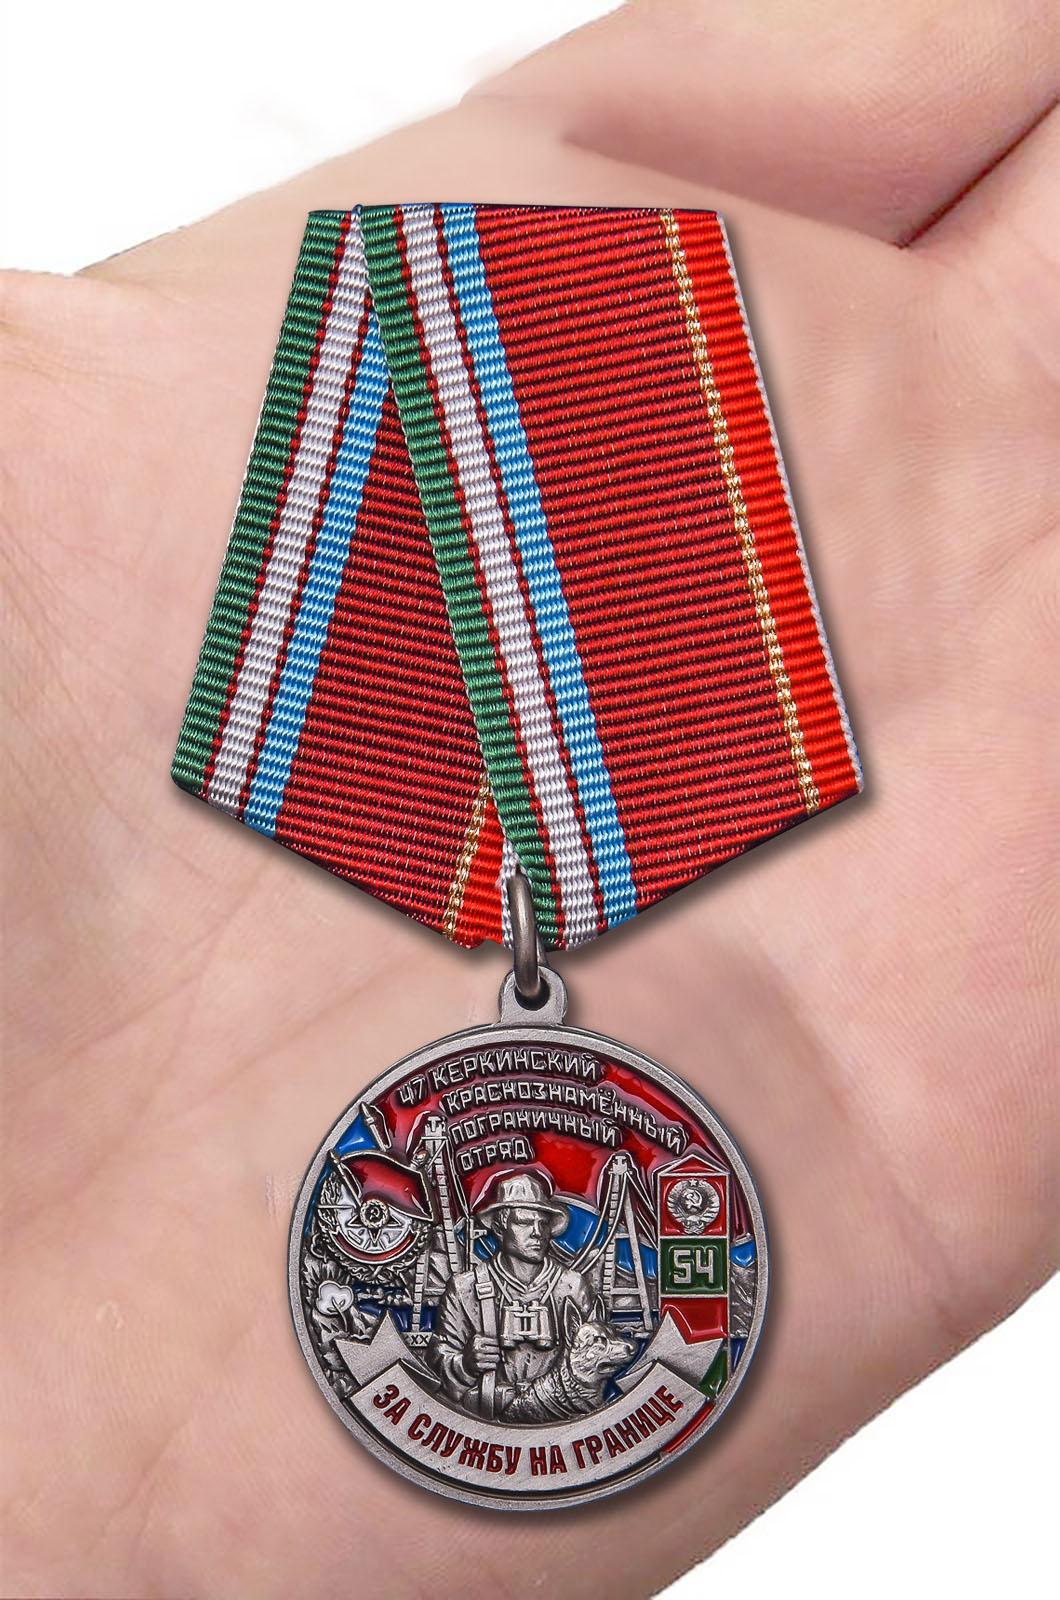 Наградная медаль ПВ За службу на границе (47 Керкинский ПогО) - вид на ладони